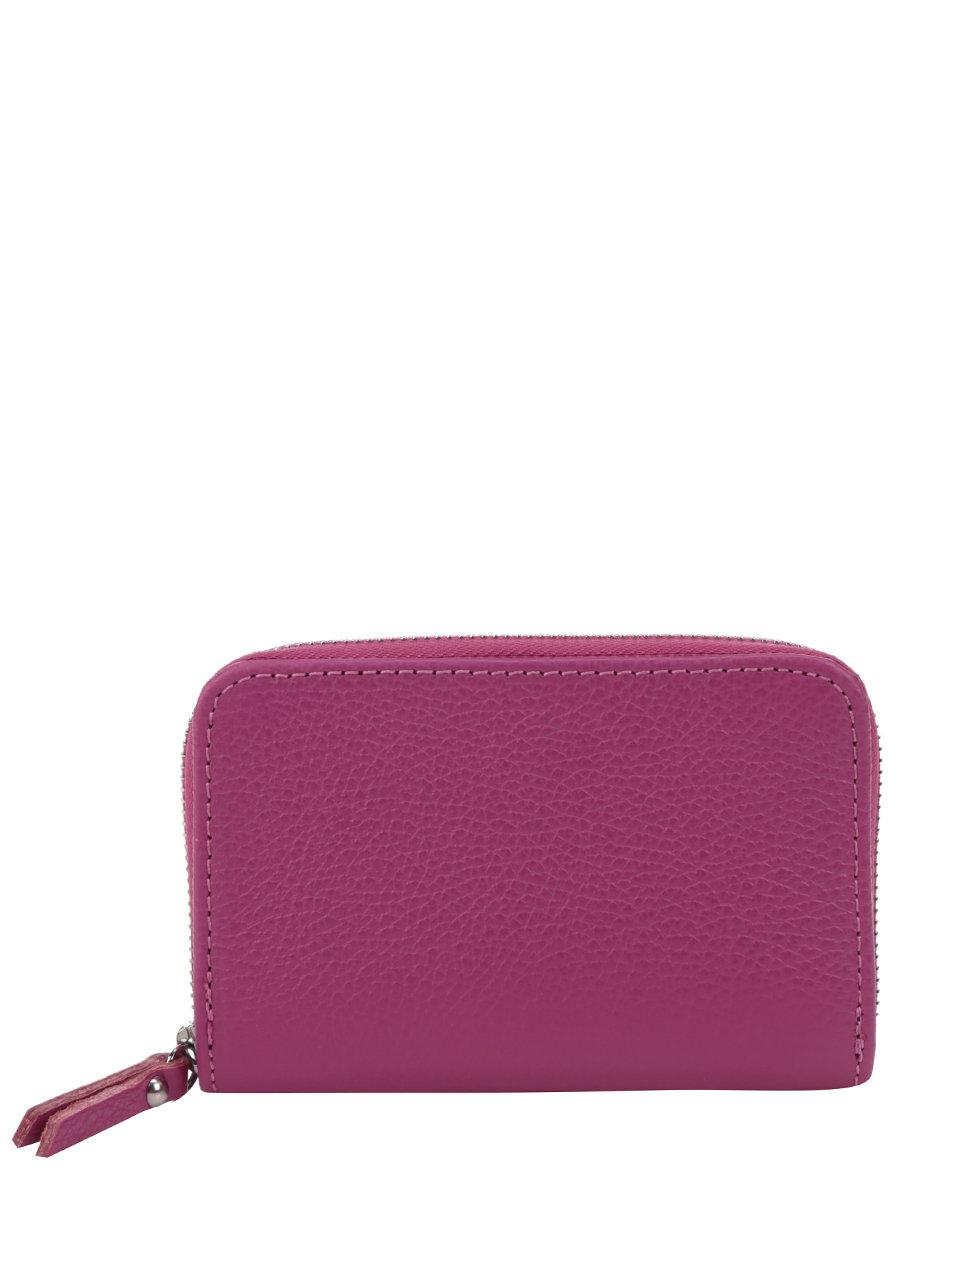 Růžová kožená peněženka ZOOT